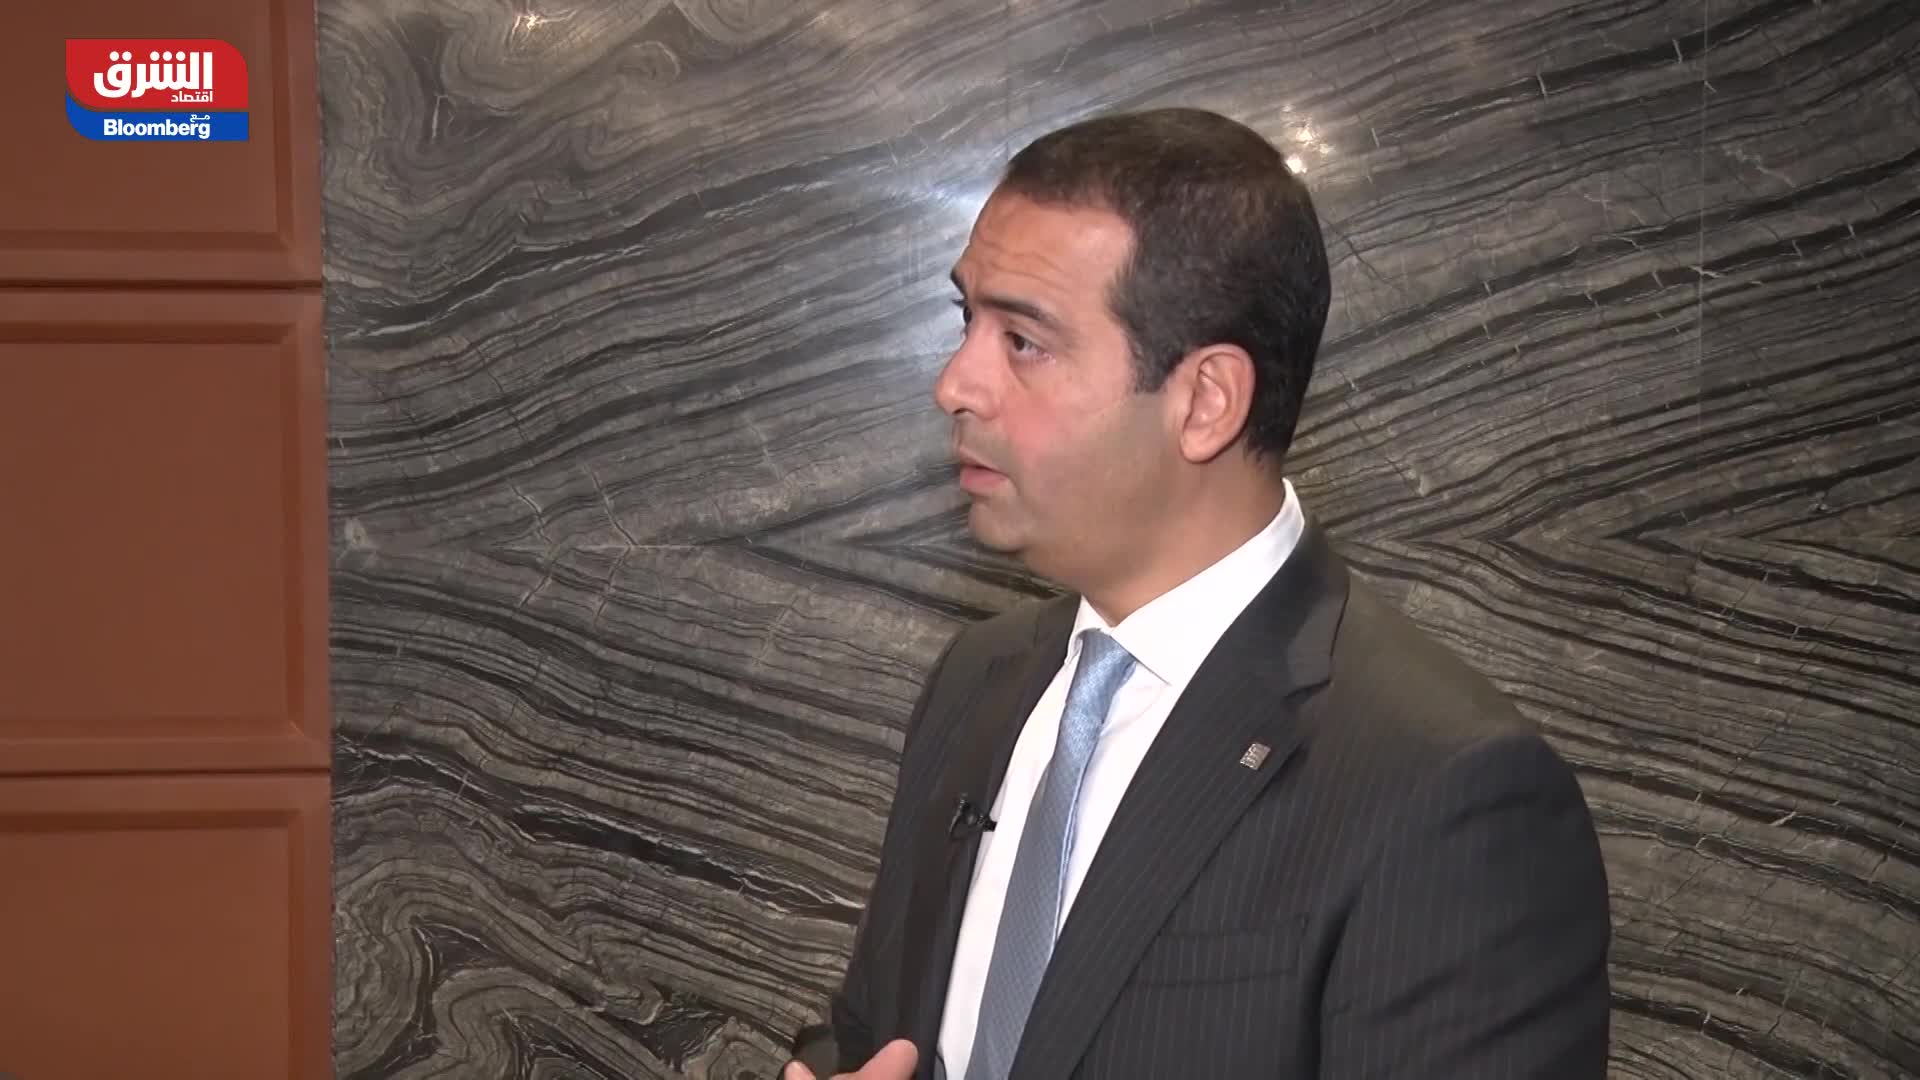 أيمن سليمان : قيمة محفظة صندوق مصر السيادي الآن بين 13 و14 مليار جنيه